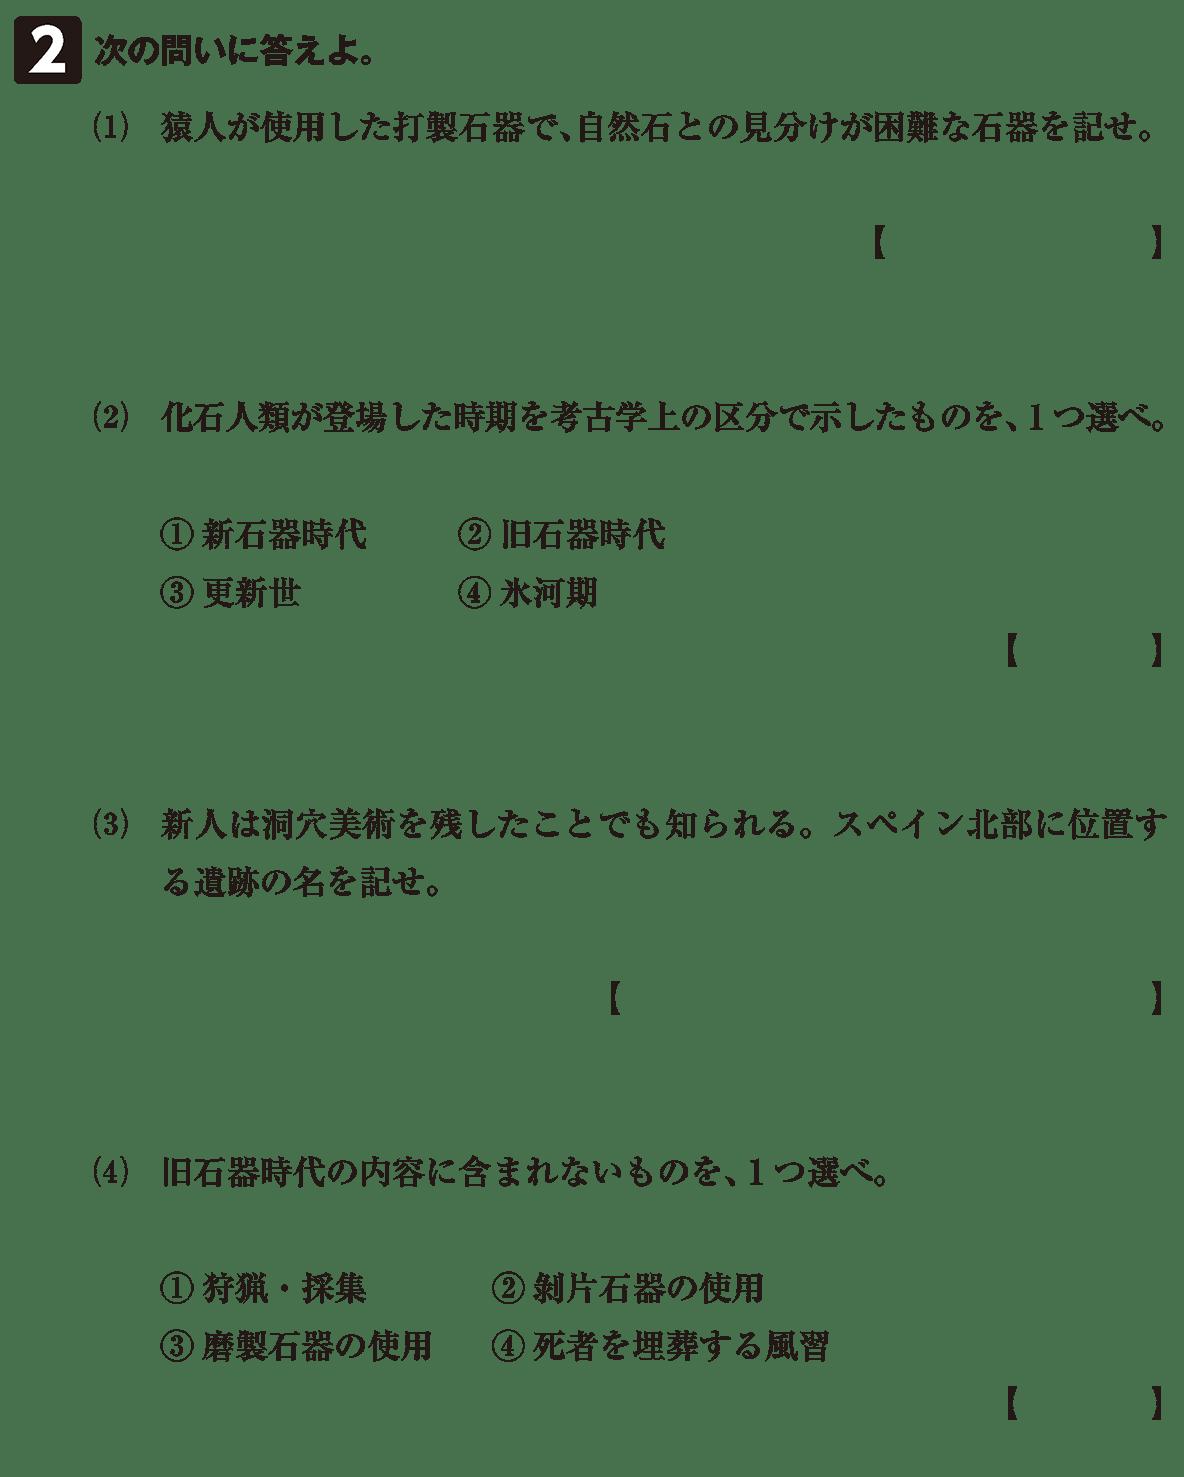 高校世界史 先史時代5 確認テスト(後半)問題2のみ答えなし